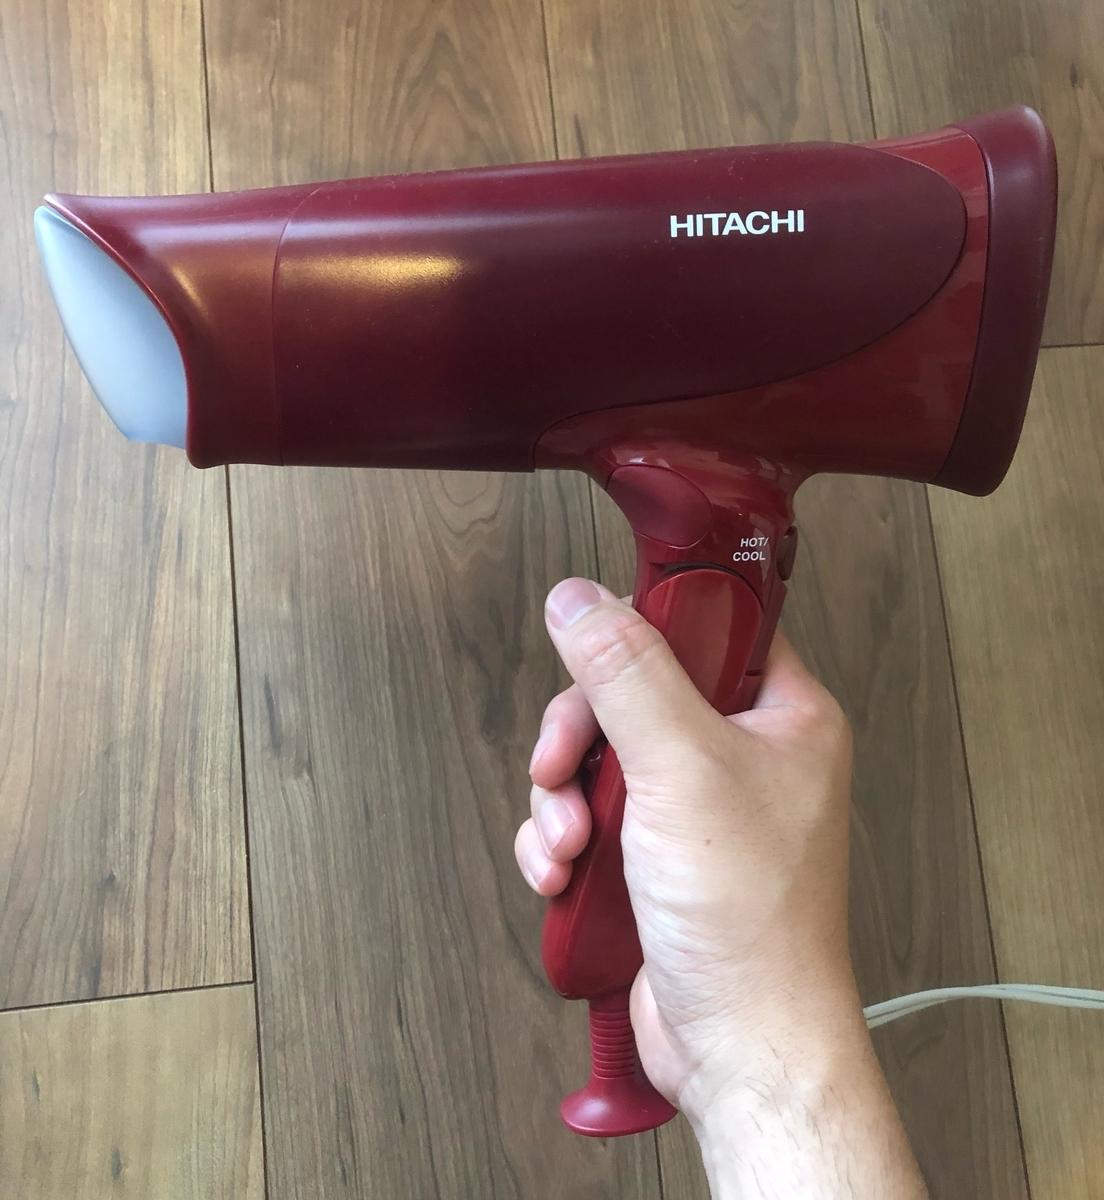 【時短】最強おすすめドライヤー!親が髪を乾かすなら日立のこれしかない!HID-T600Bレビュー